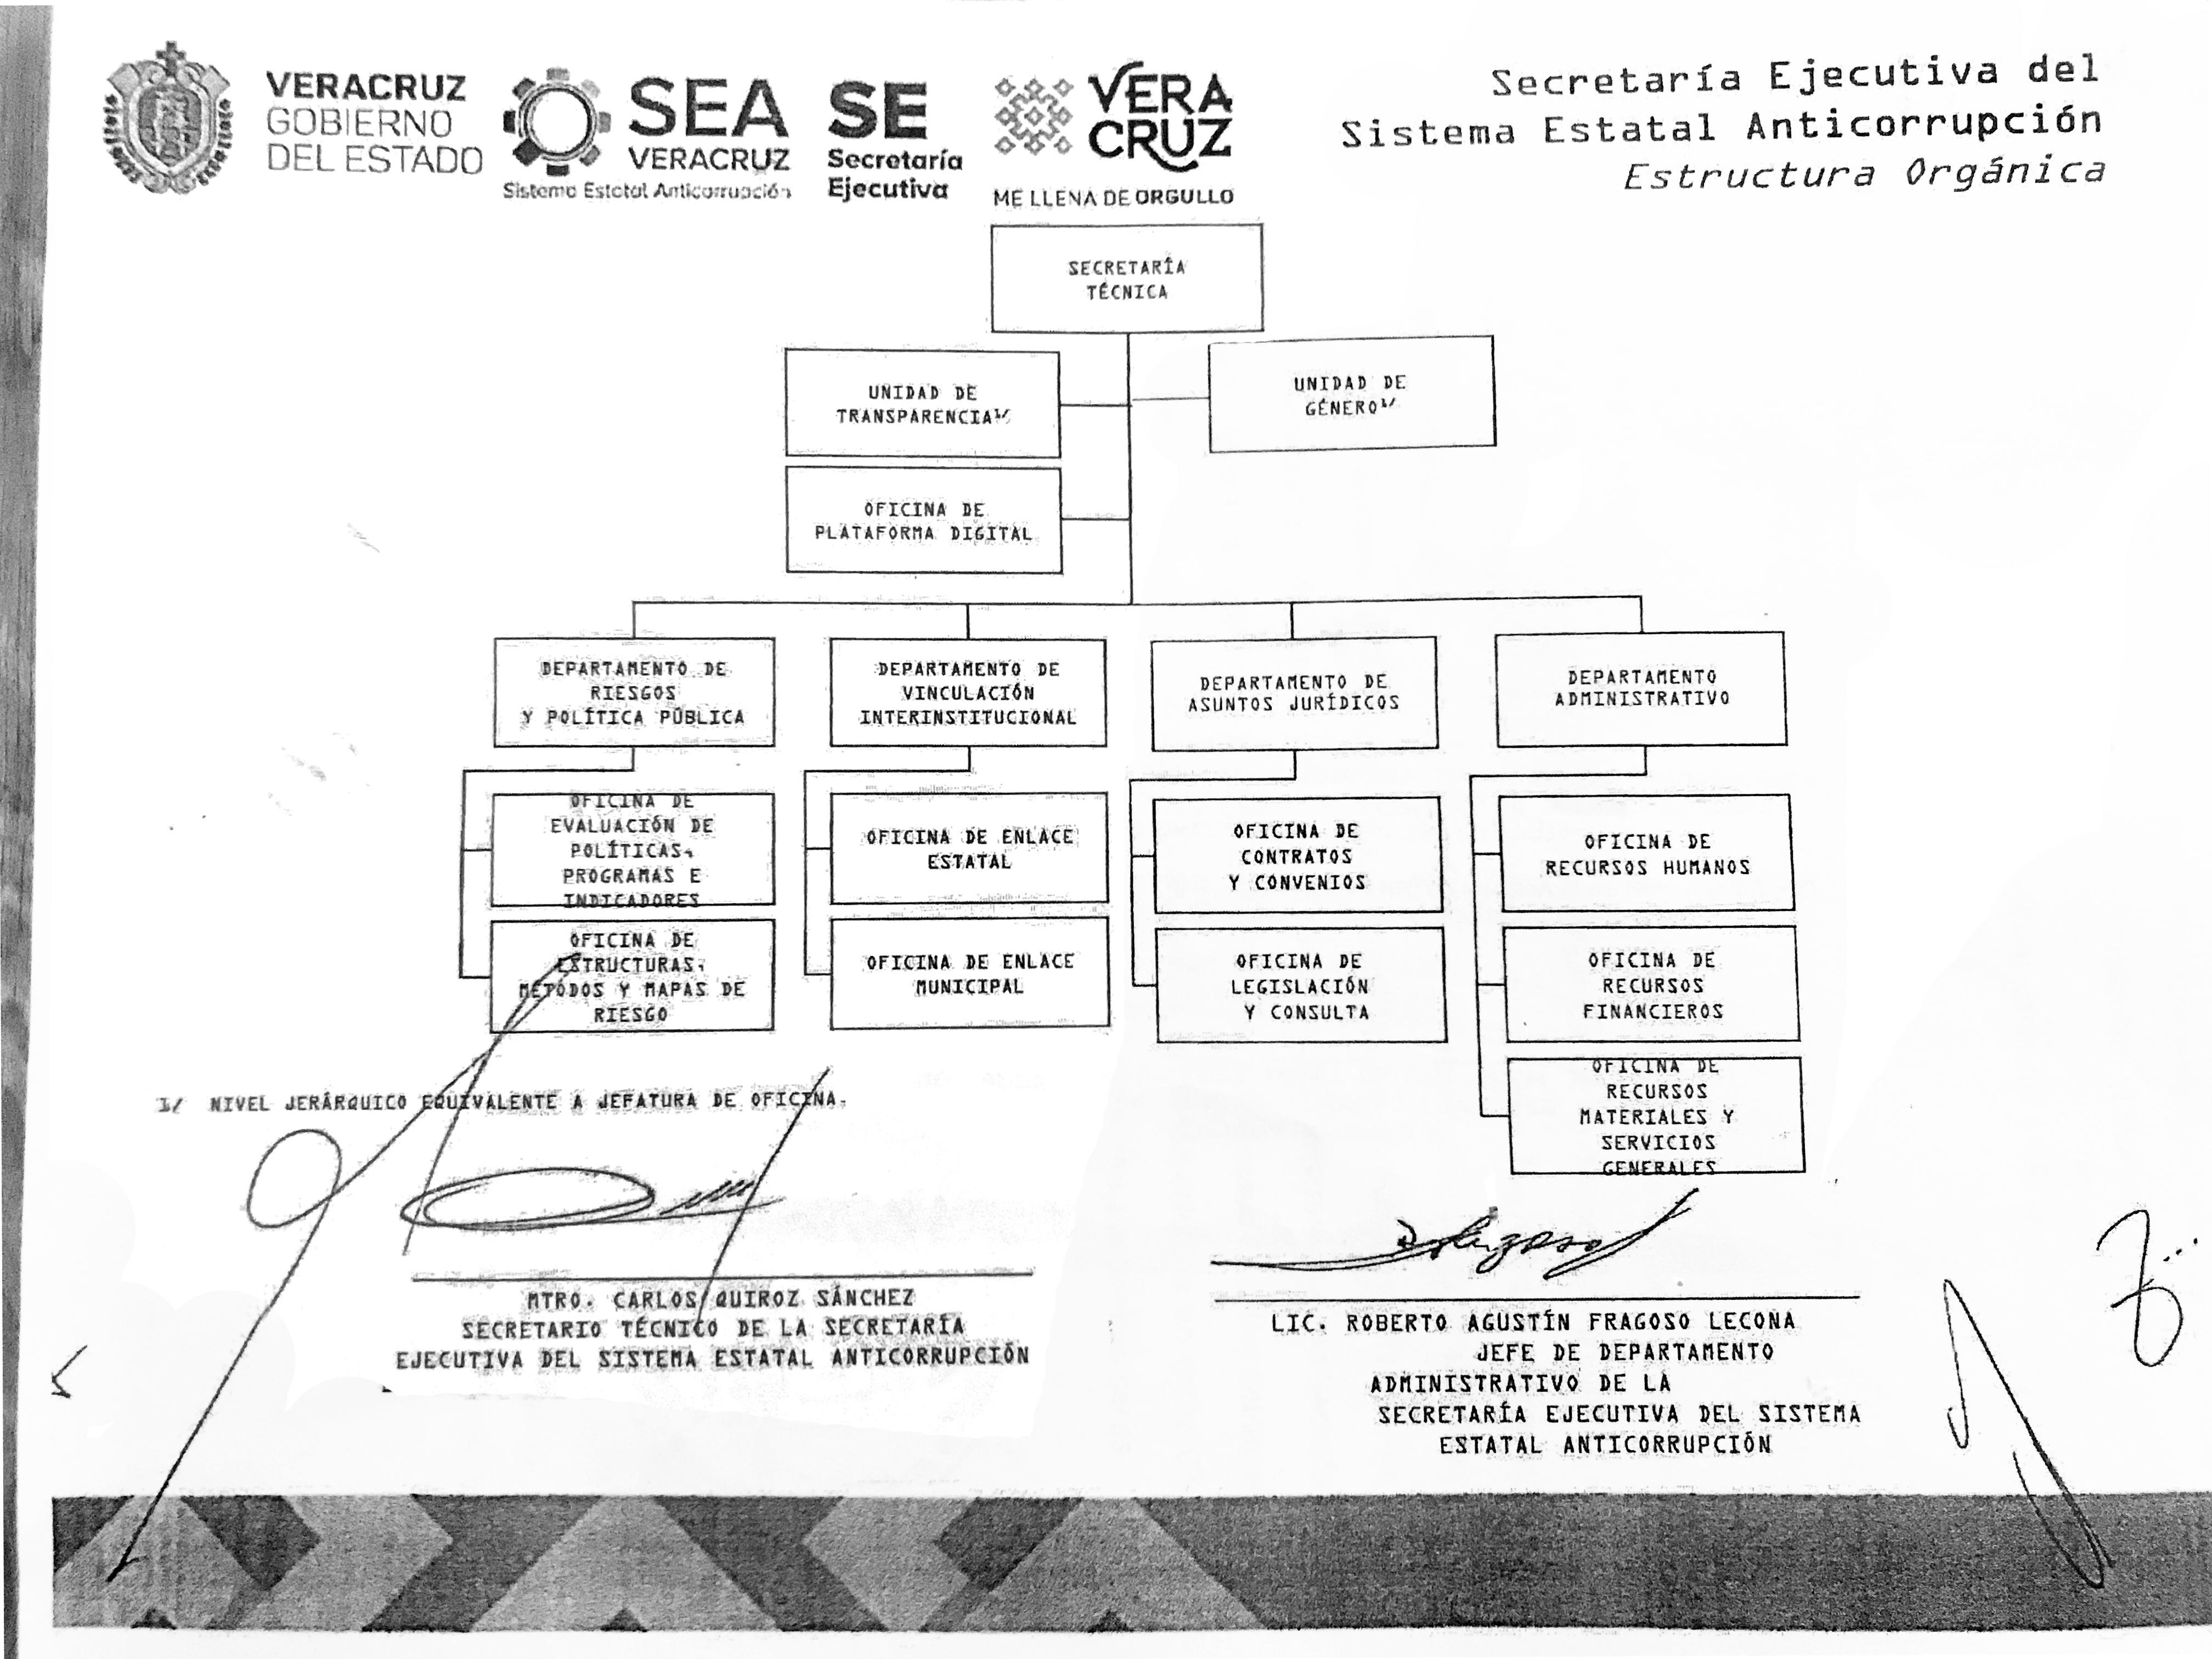 SESEAV-019-11-27-01